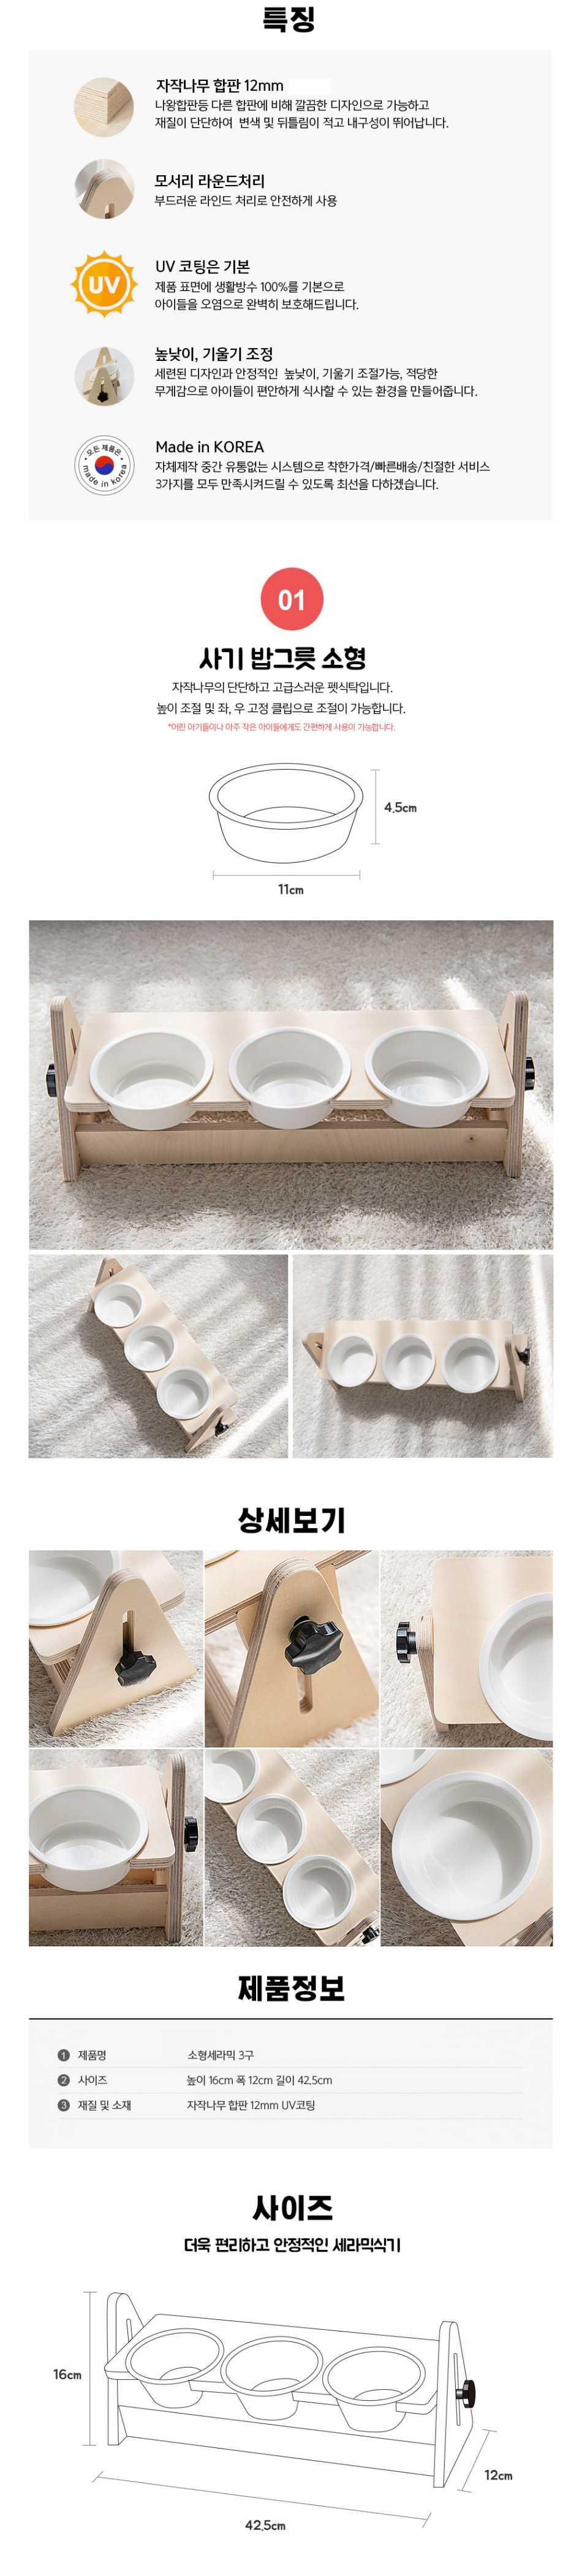 각도조절 식기테이블 (세라믹 3구) - 오-앤, 38,500원, 급수/급식기, 식기/식탁